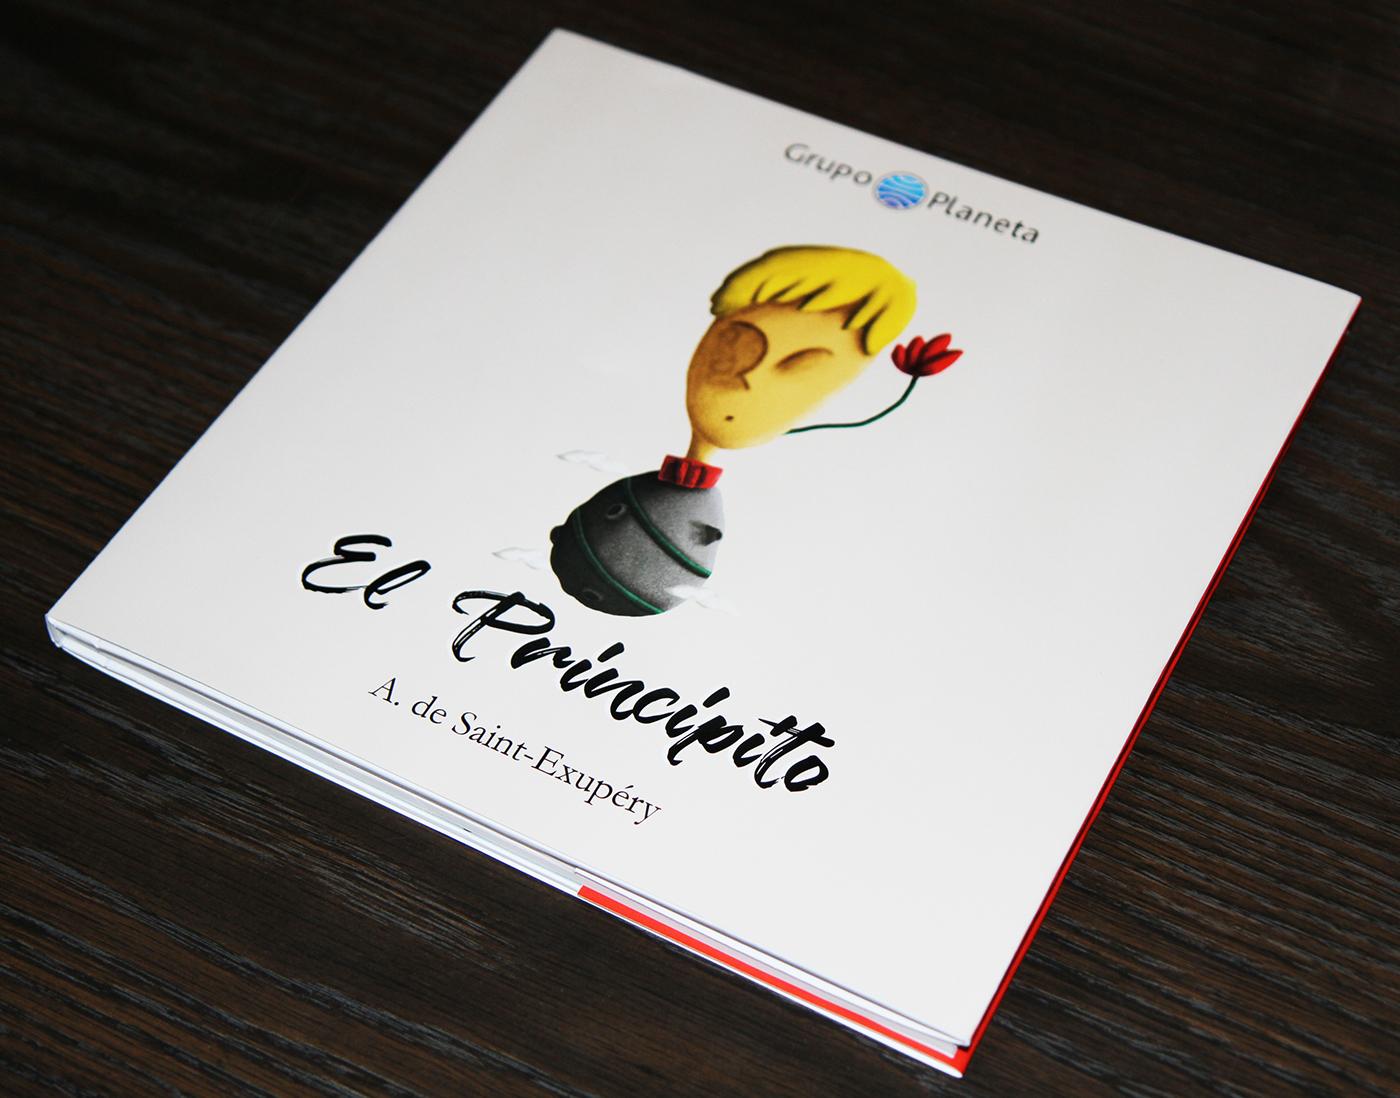 editorial design  ILLUSTRATION  el principito Le Petit Prince book COFFEE TABLE BOOK graphic design